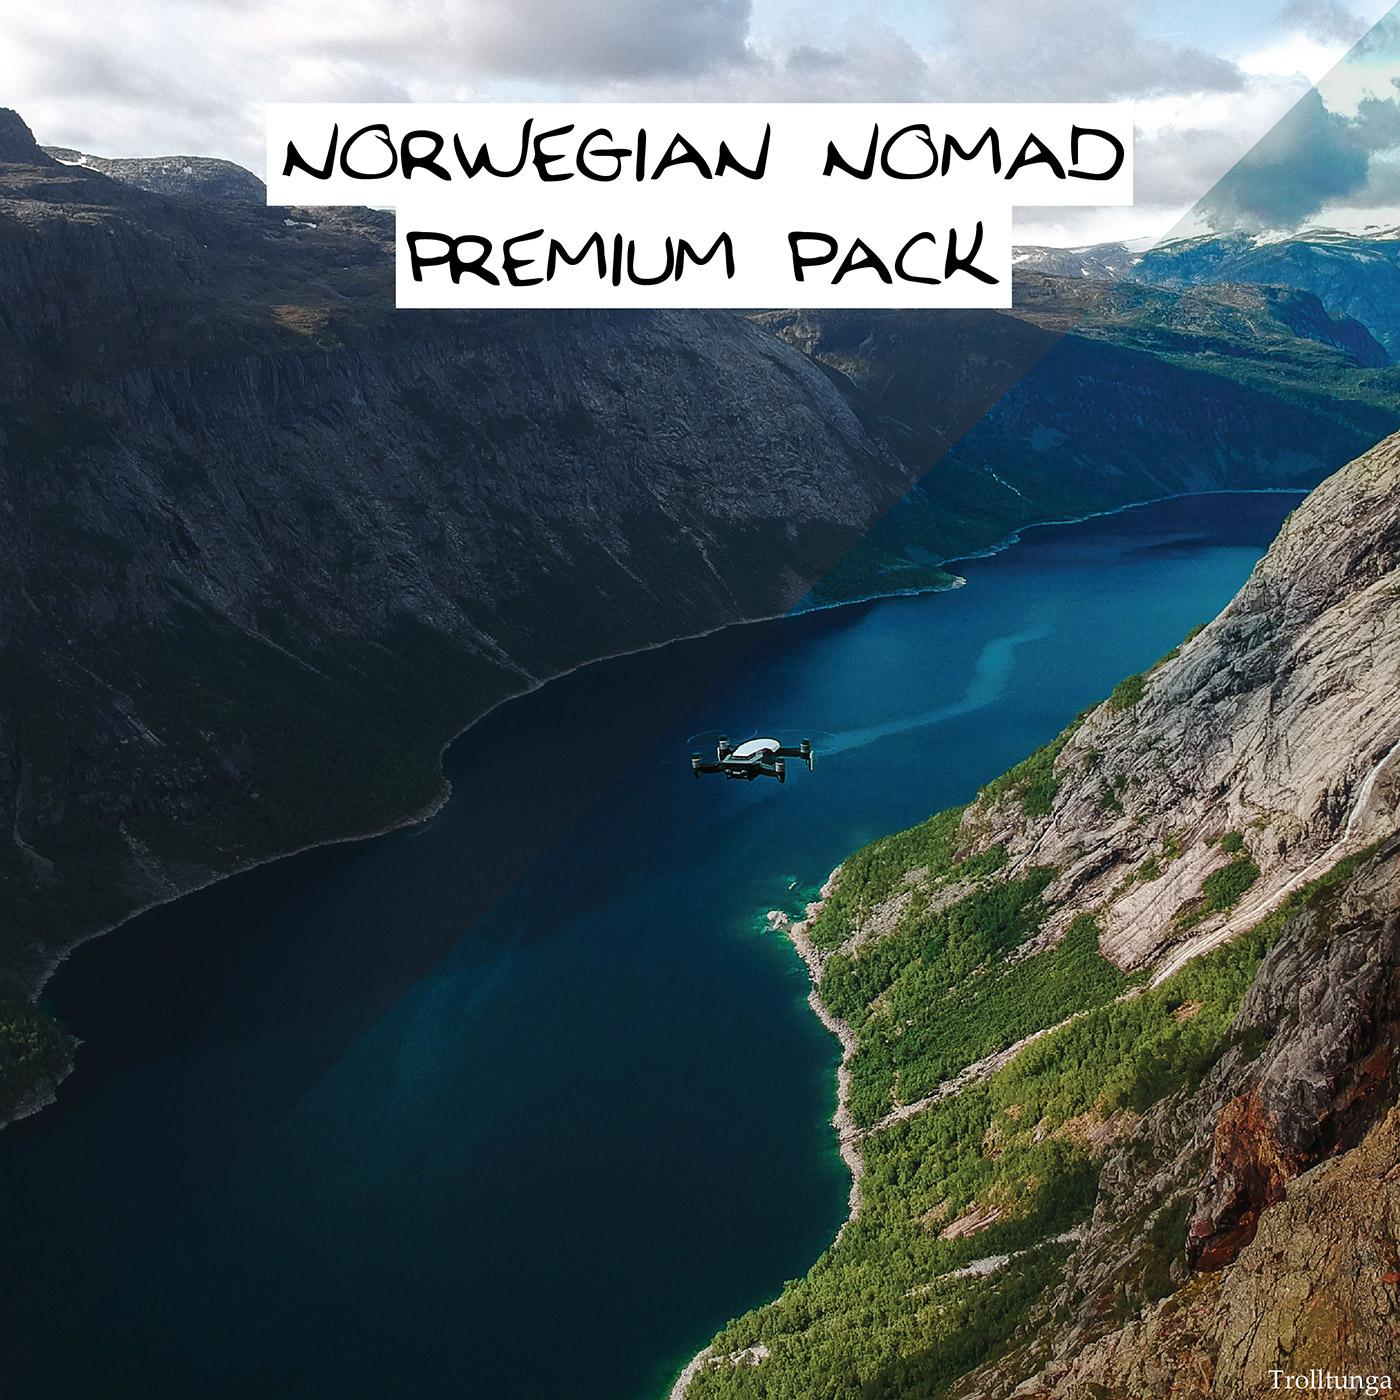 Norwegian Nomad Premium Presets